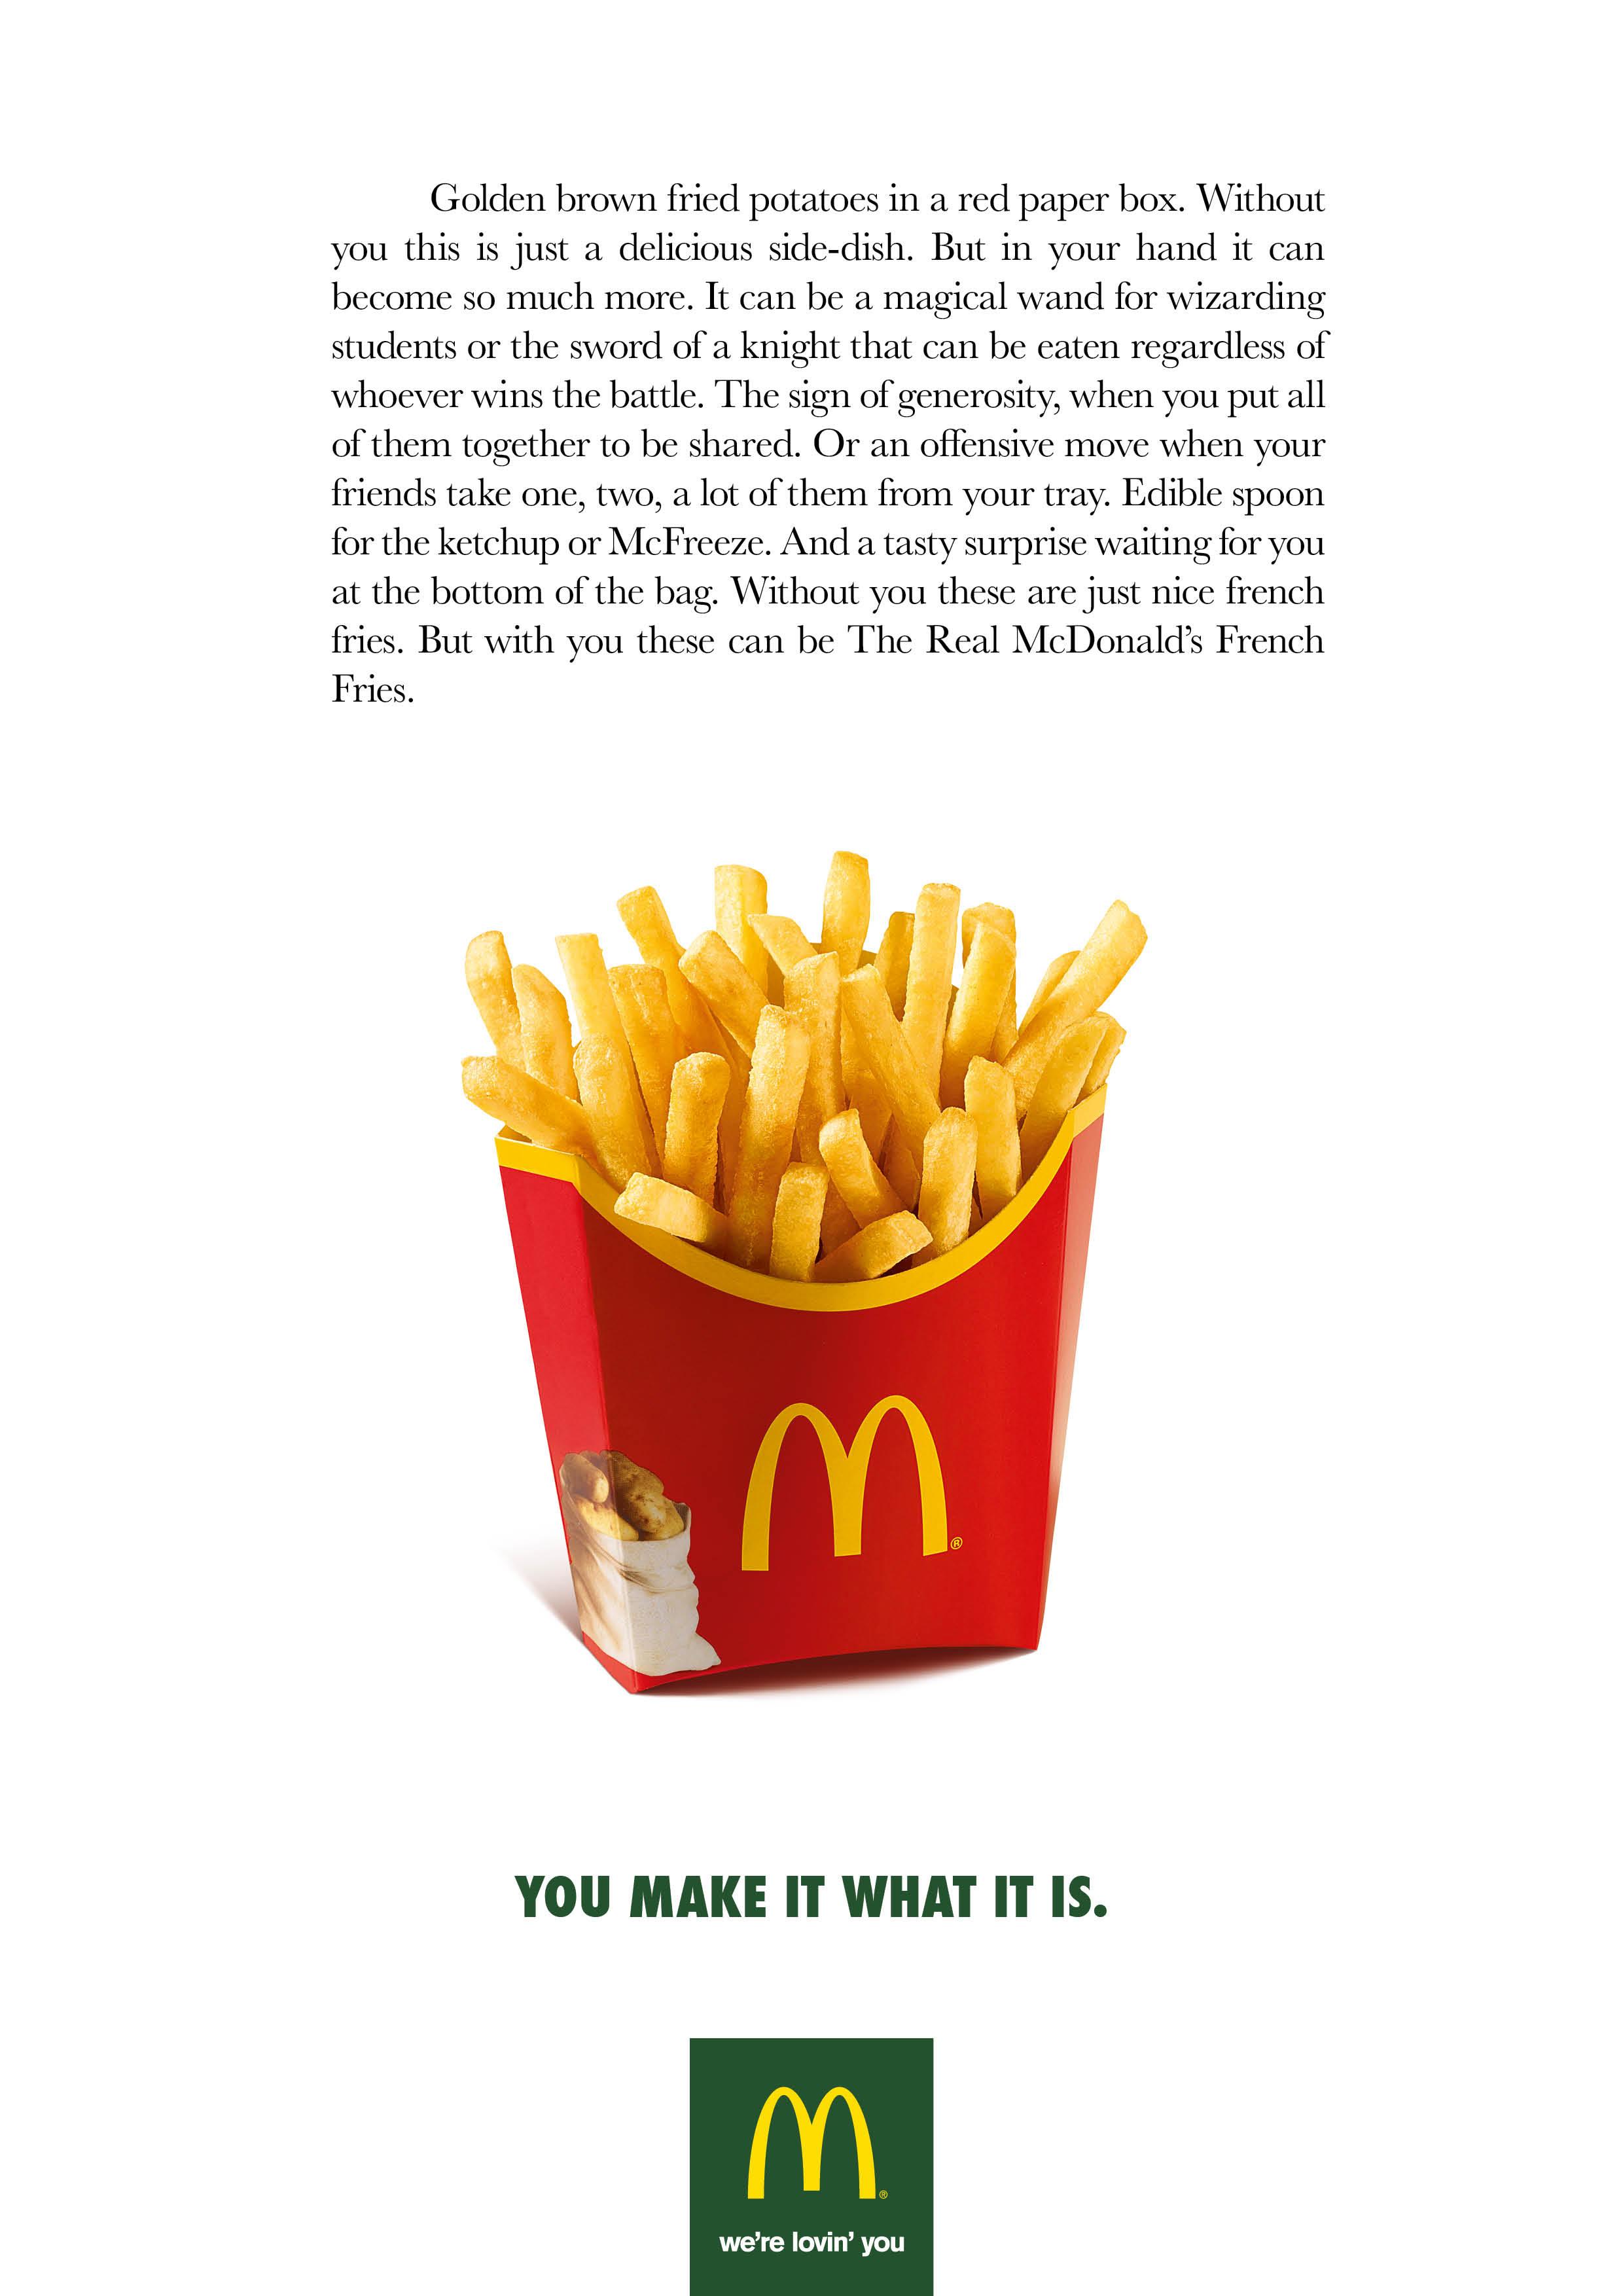 fries_print.jpg